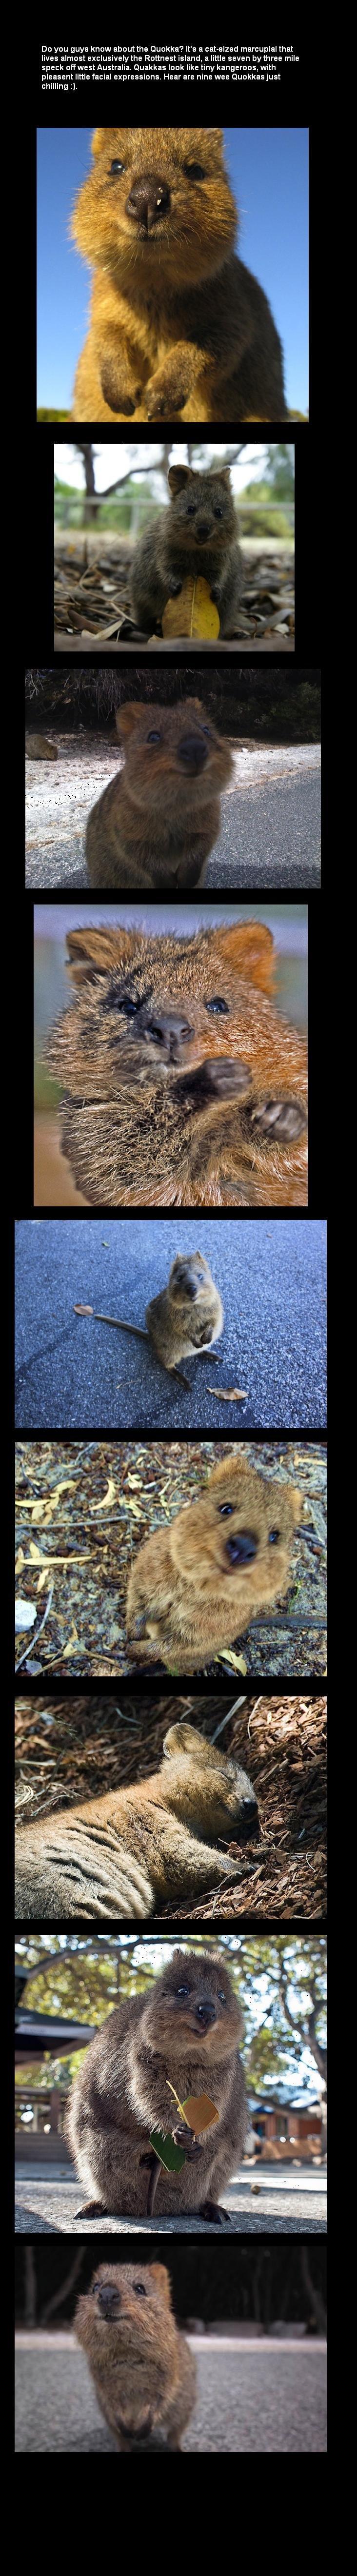 Quokka. I want one..